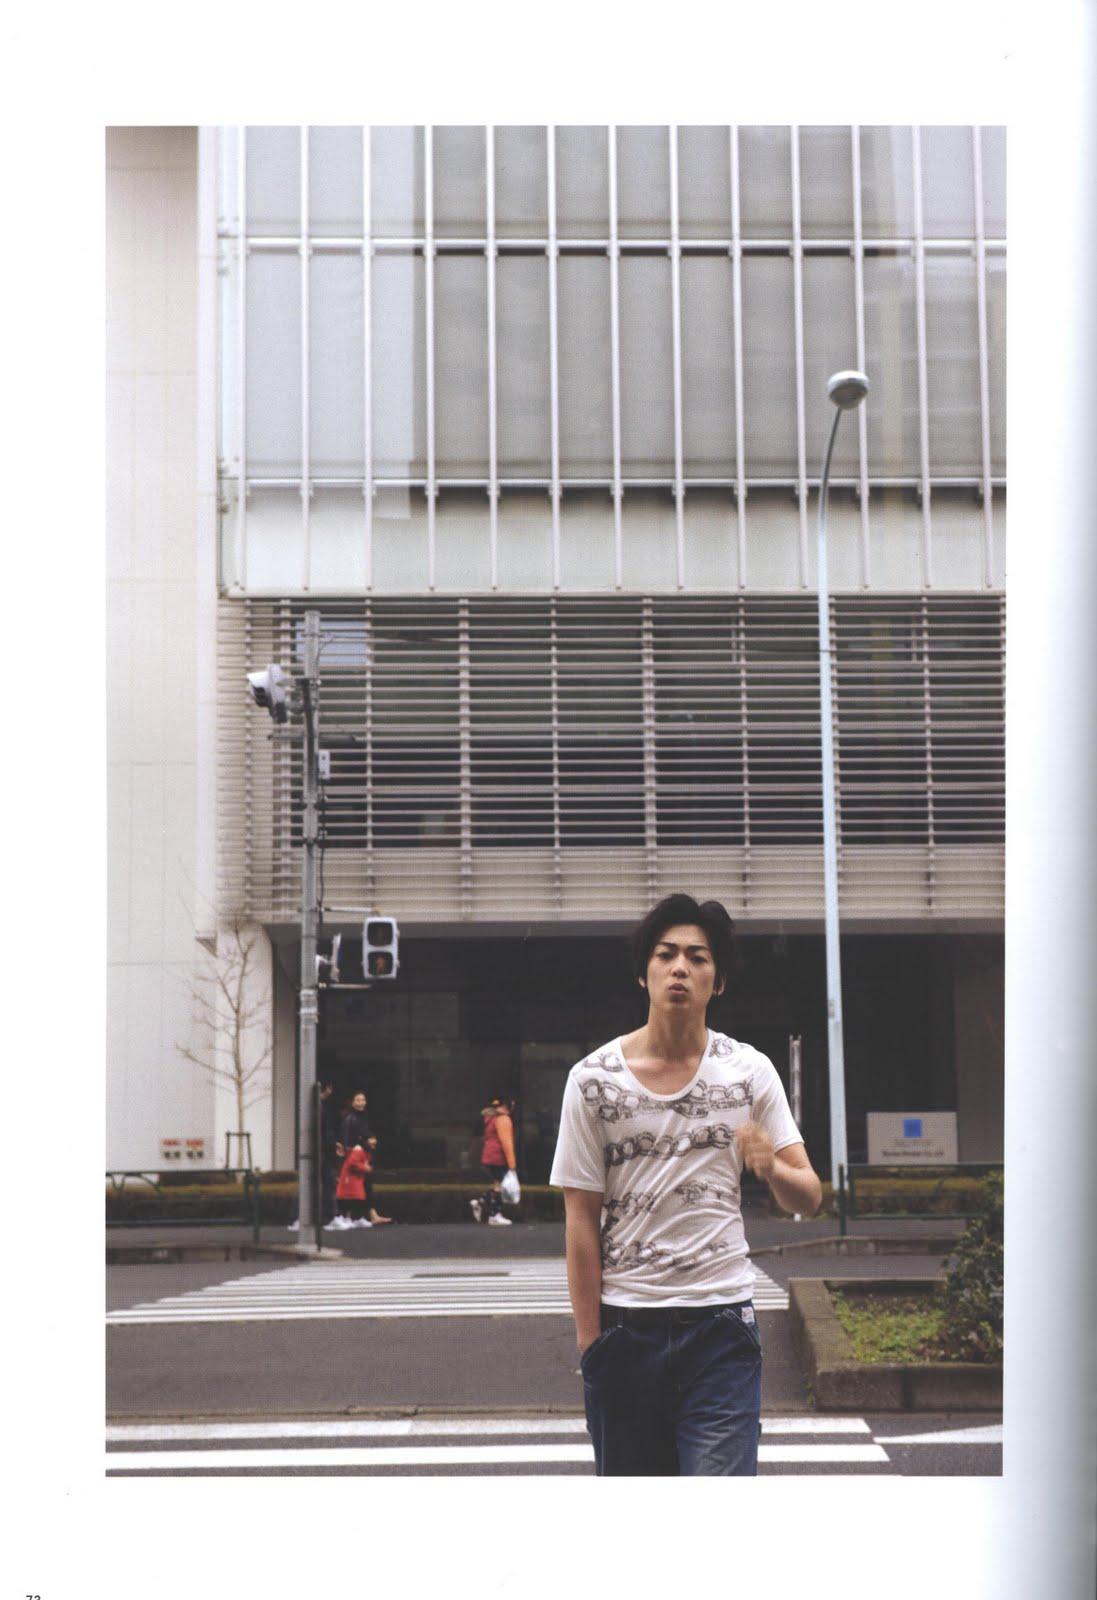 Daito Shunsuke 075